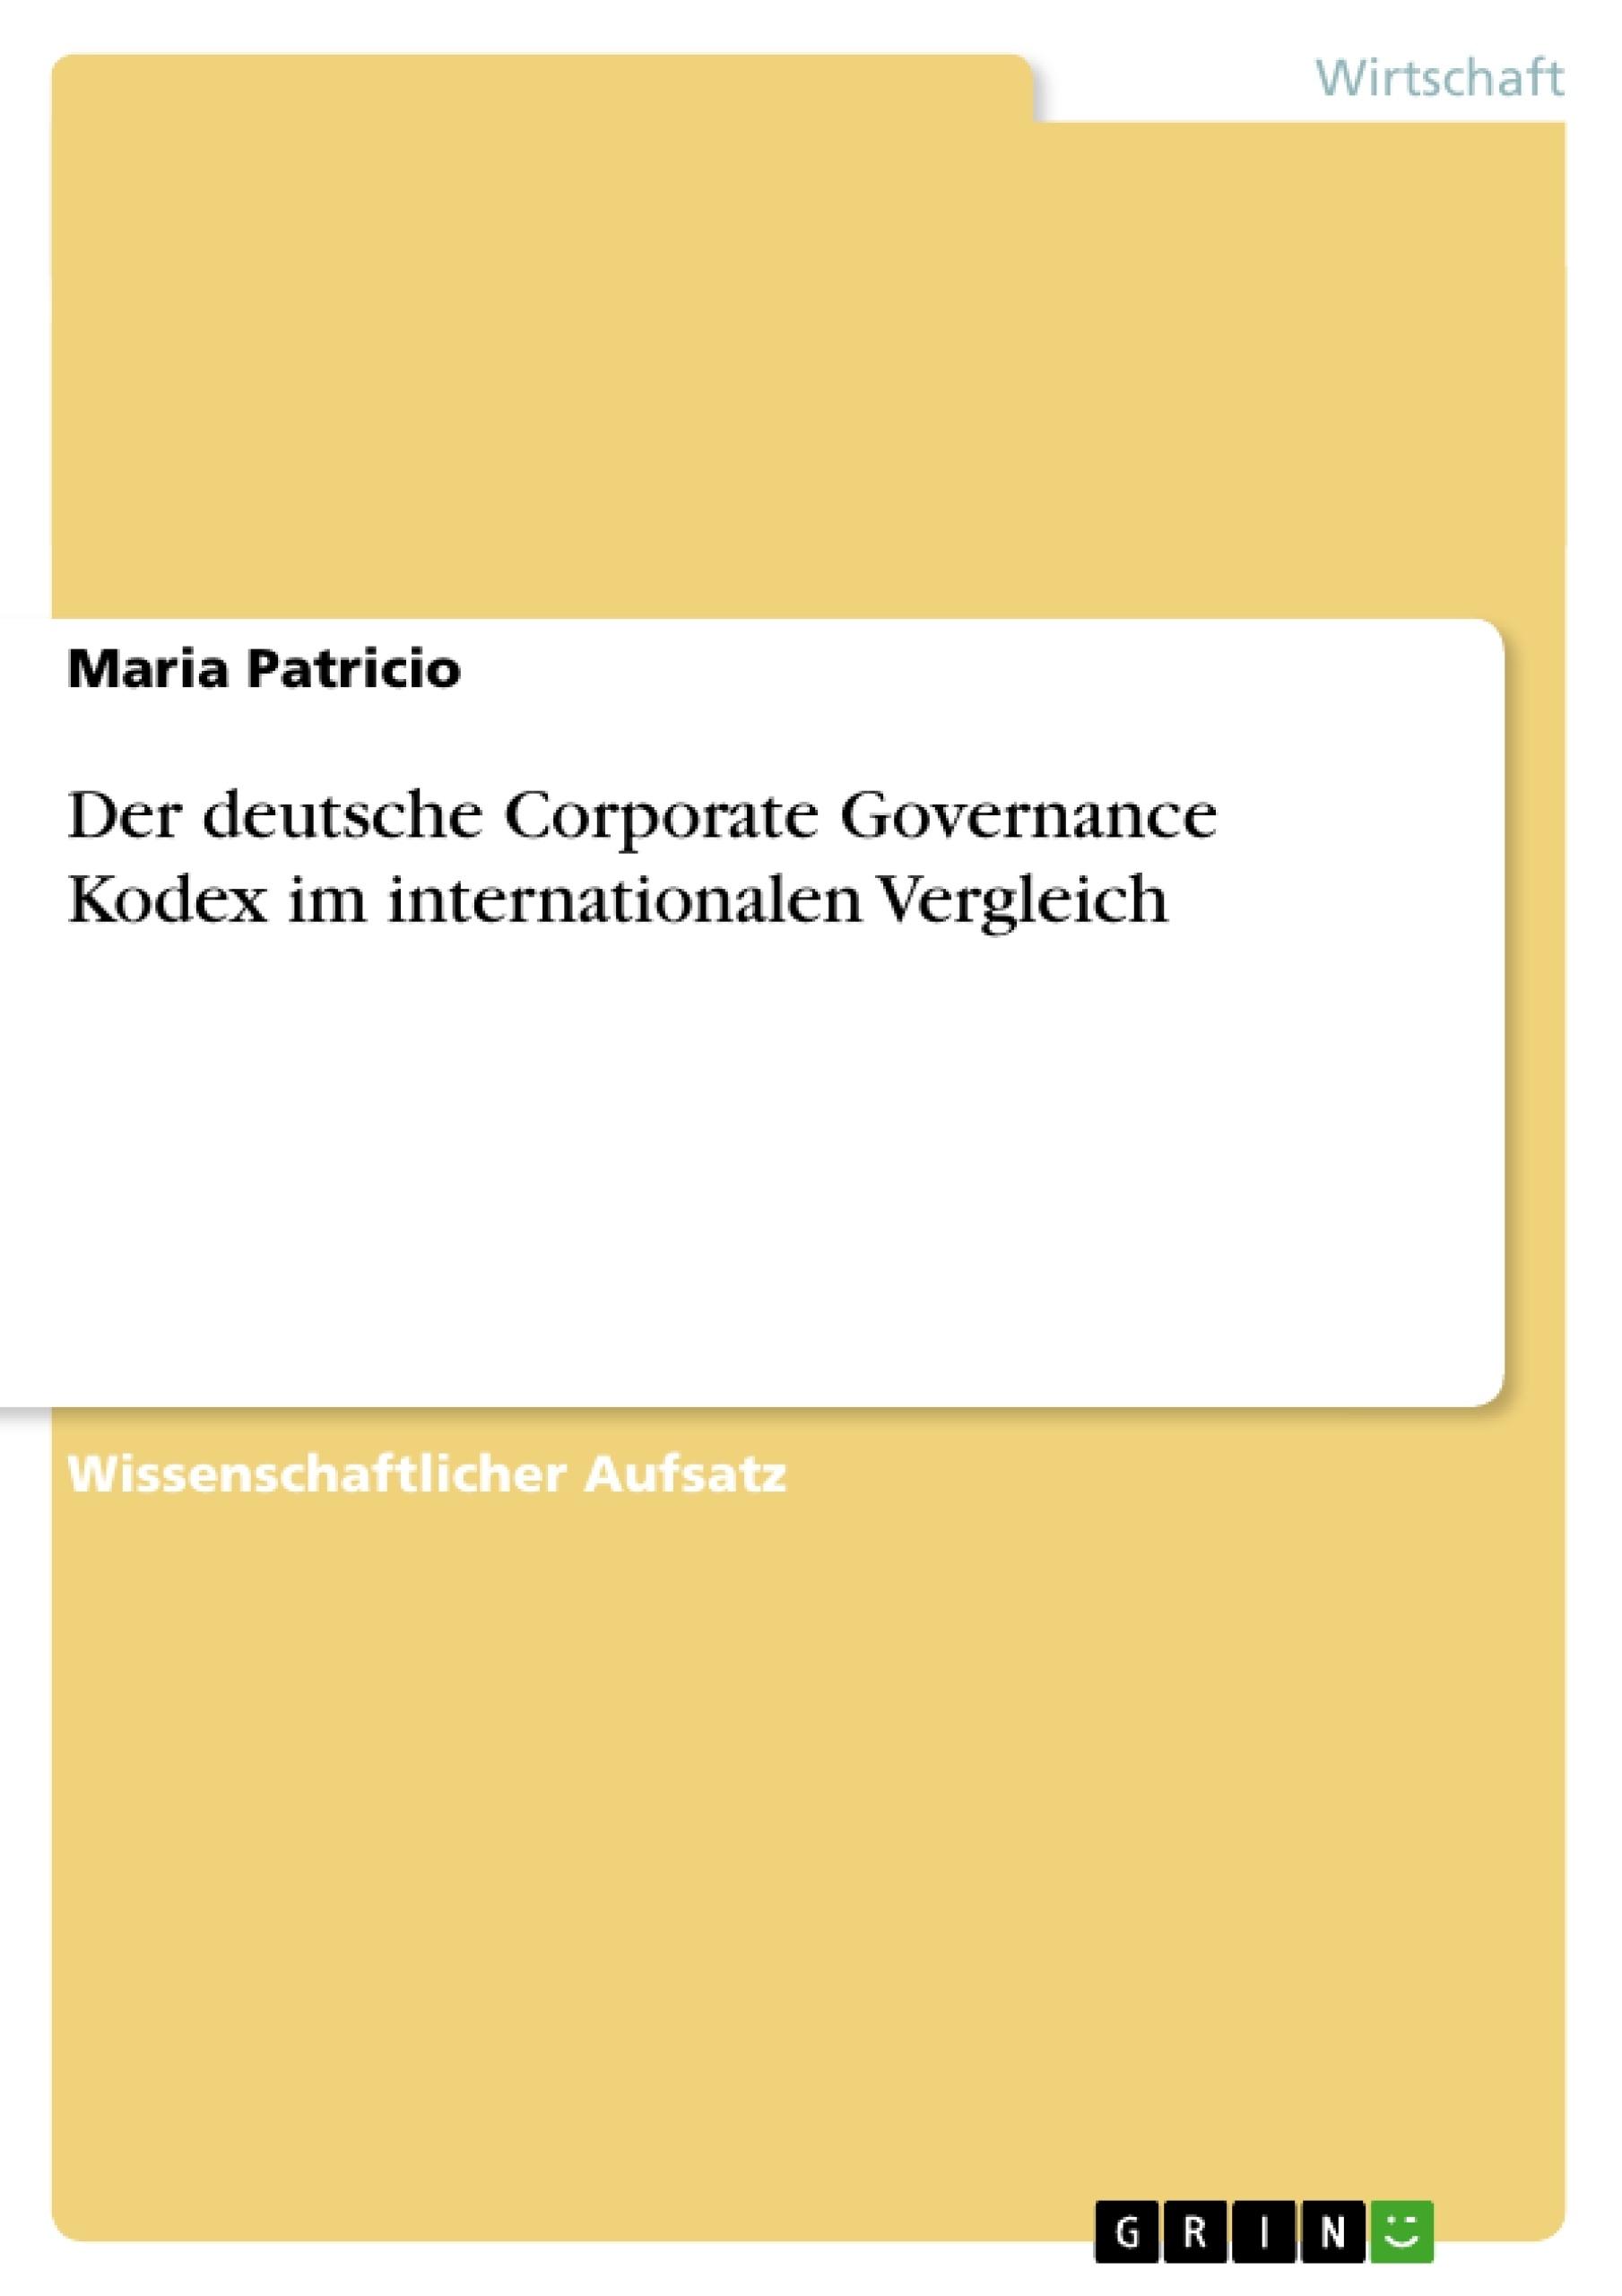 Titel: Der deutsche Corporate Governance Kodex im internationalen Vergleich